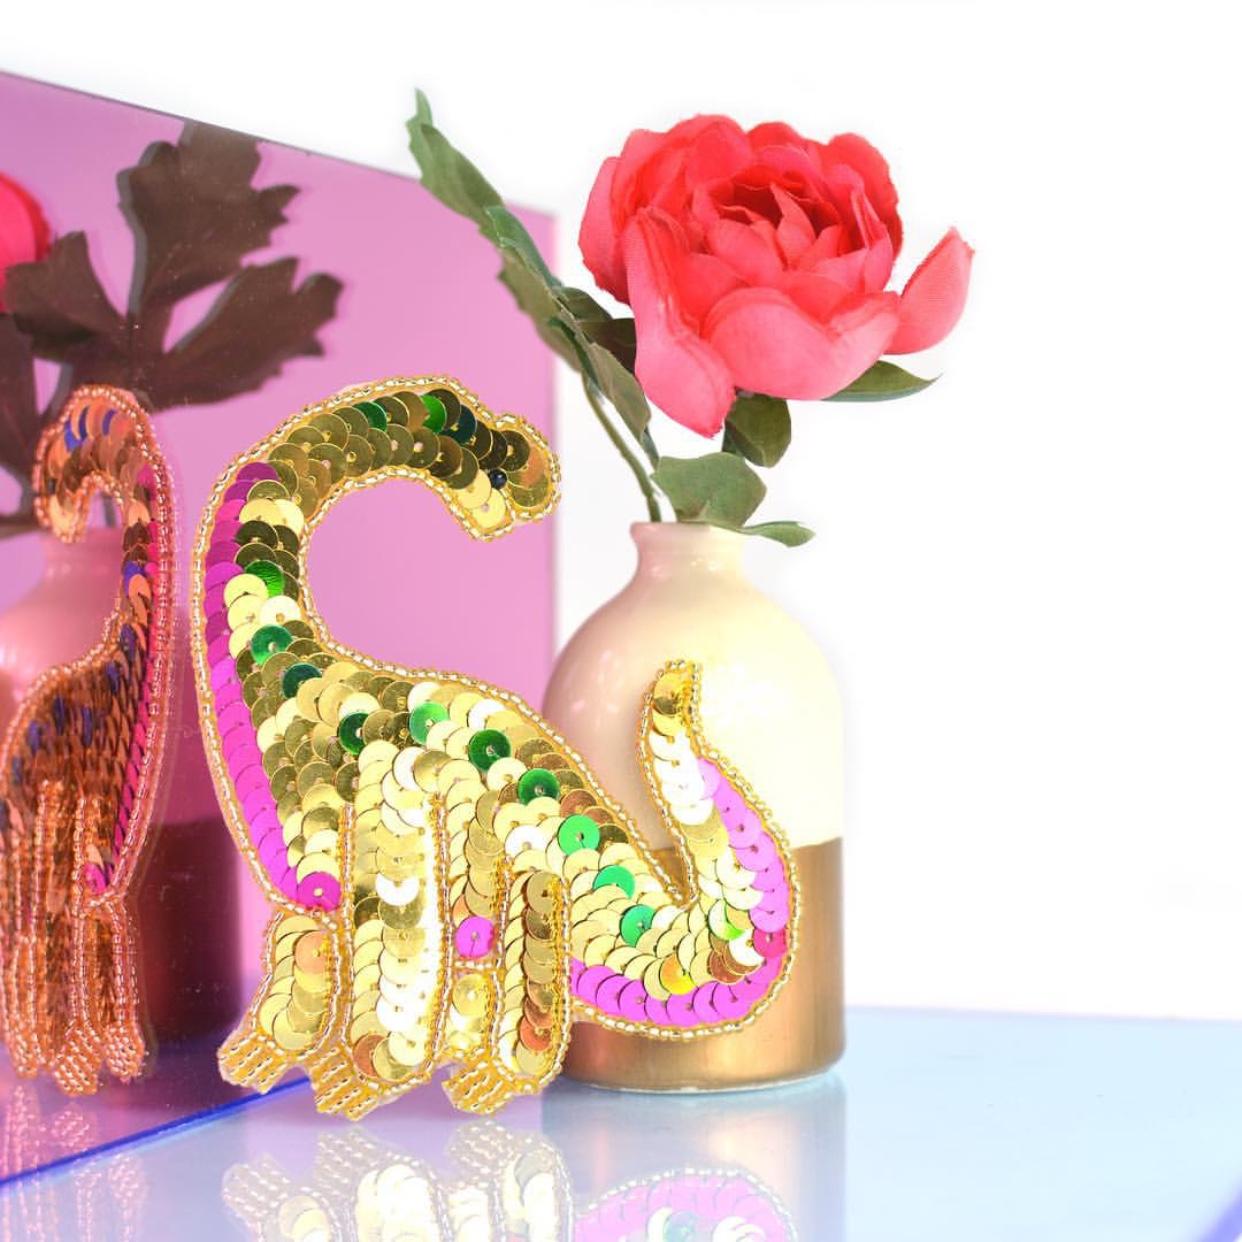 bow-and-drape-by-natasha-rose-04.jpg